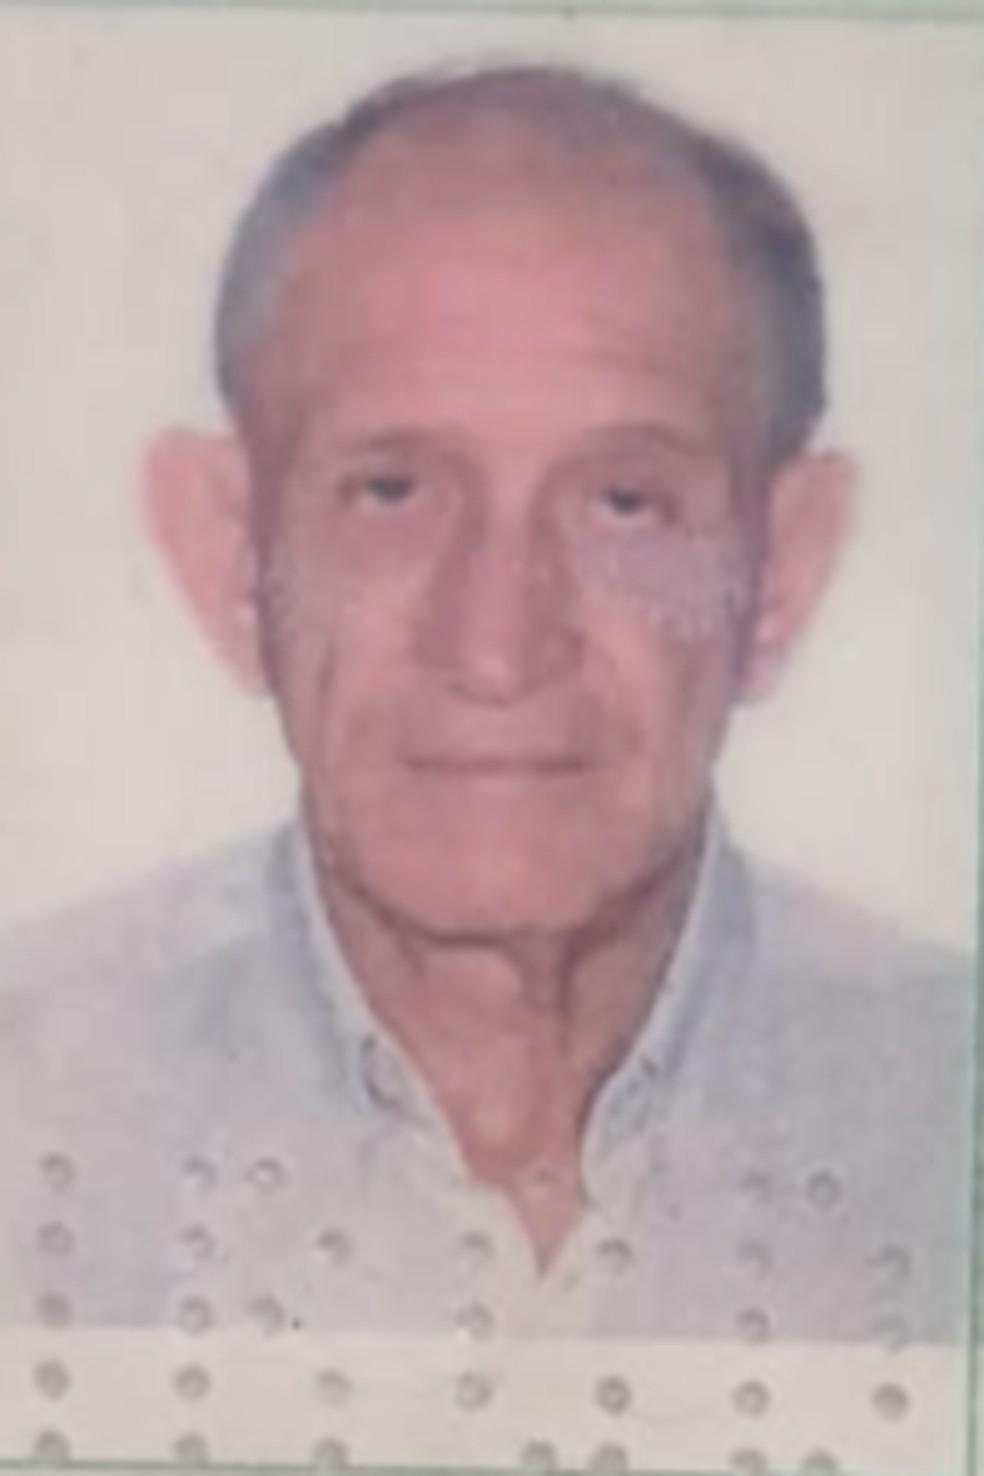 Corpo de idoso é achado em estado avançado de decomposição dentro de apartamento em Rio Branco